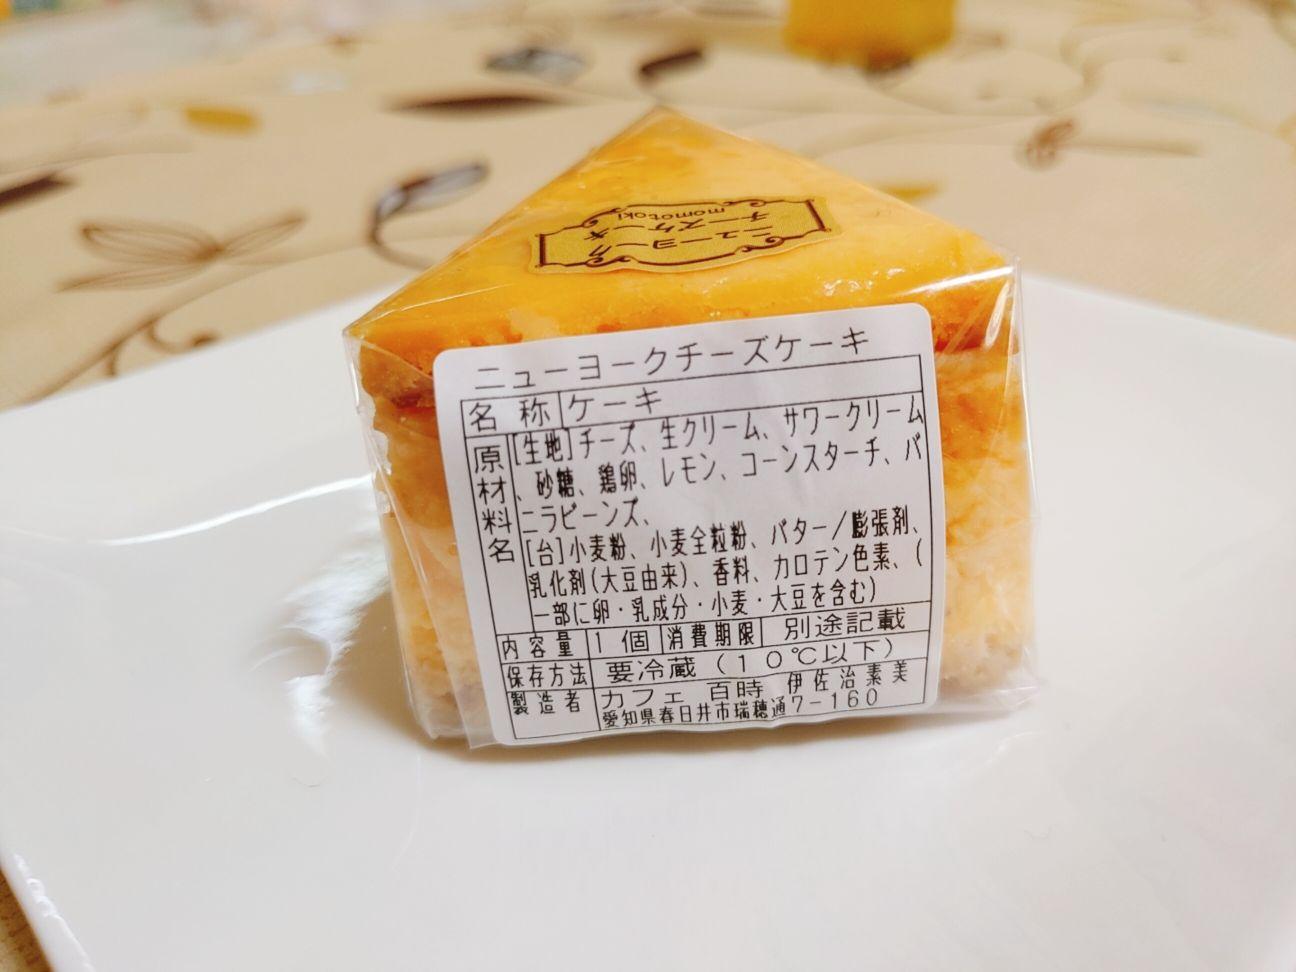 チーズケーキ専門店百時のチーズケーキ